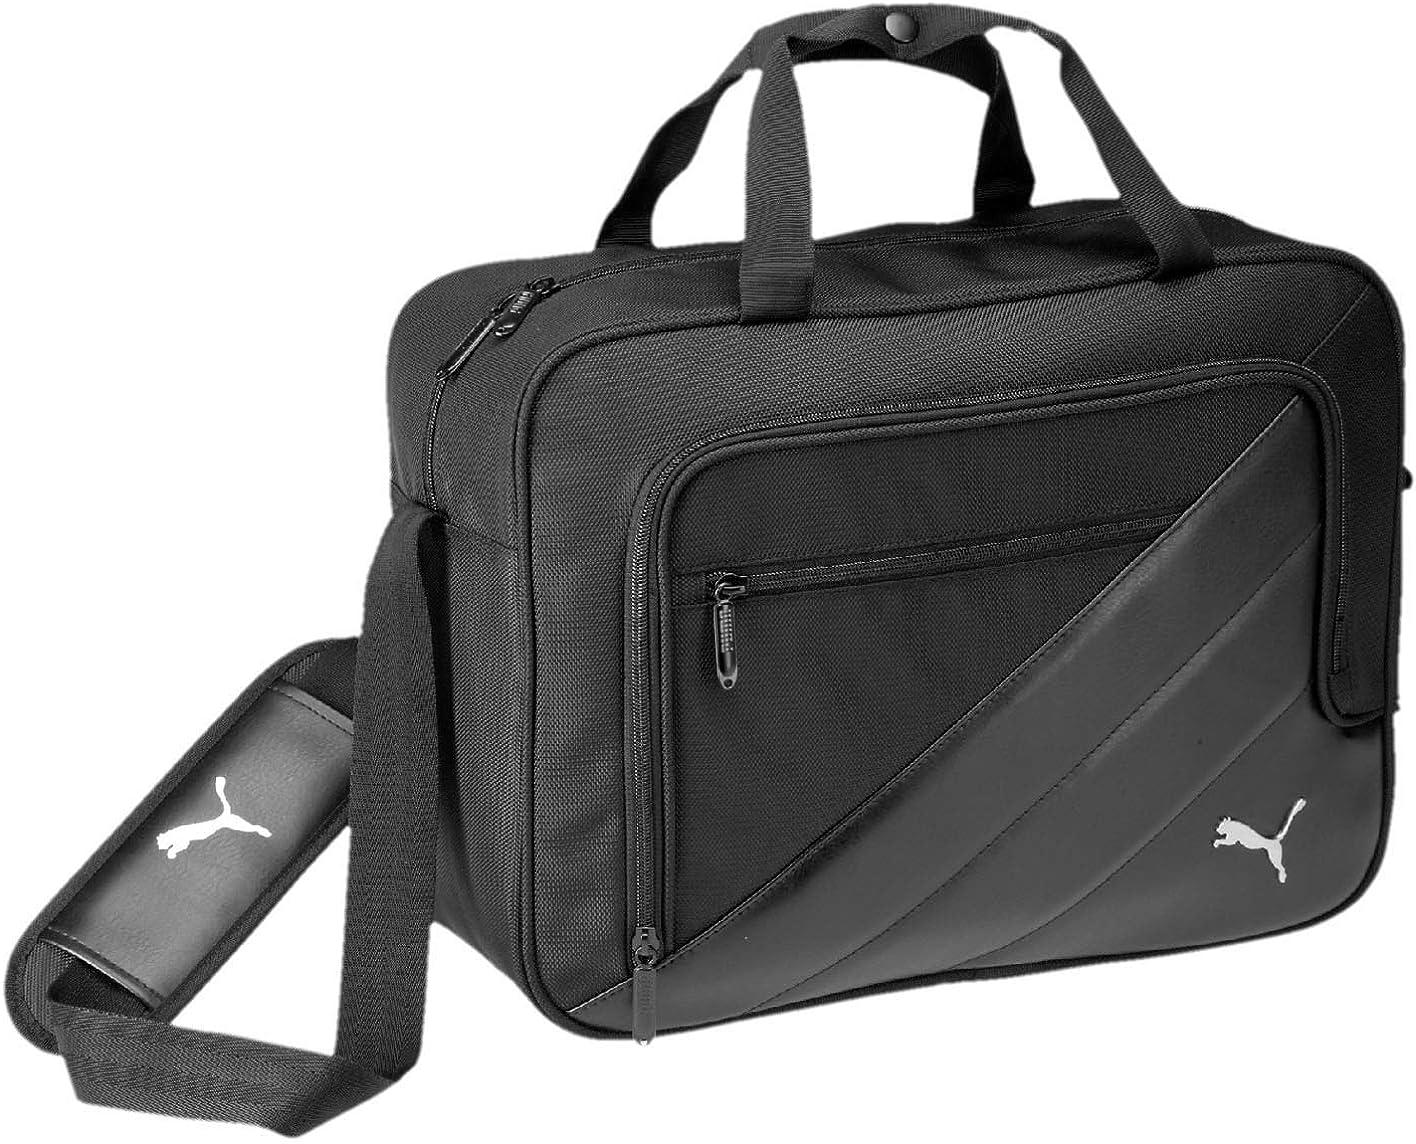 Amazon.com: PUMA Team Messenger Bag : Clothing, Shoes & Jewelry